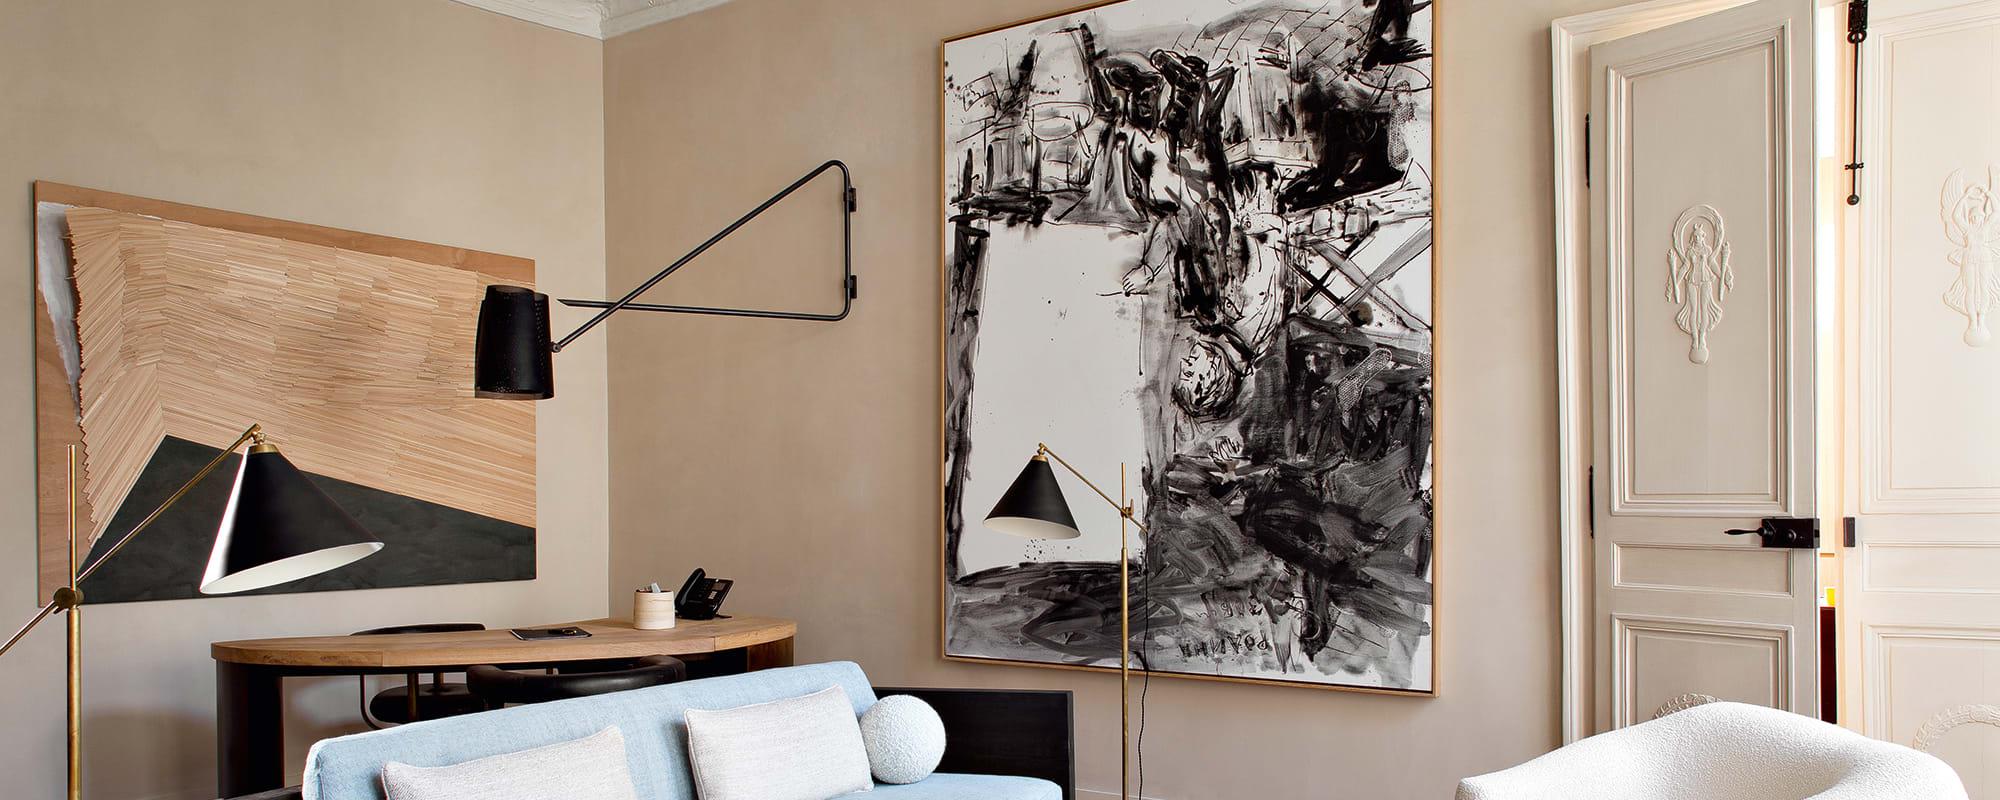 Pierre Yovanovitch, Paris, Salon, Well, Wohnung, Design